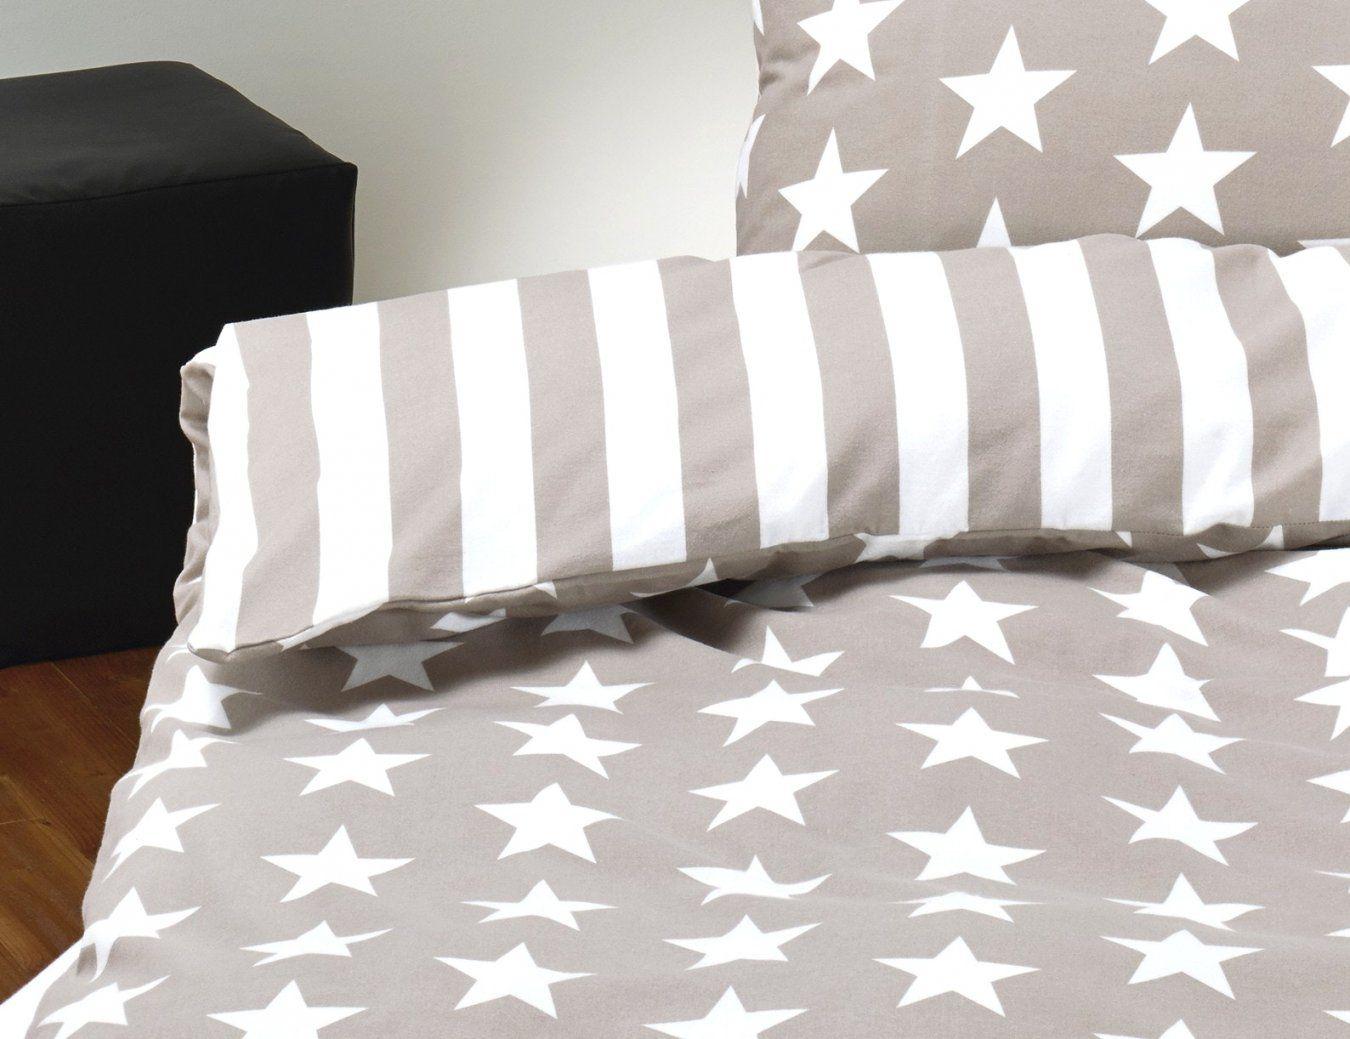 Phantasievolle Inspiration Bettwäsche Mit Sternen Aldi Und Sterne von Bettwäsche Mit Sternen Aldi Bild